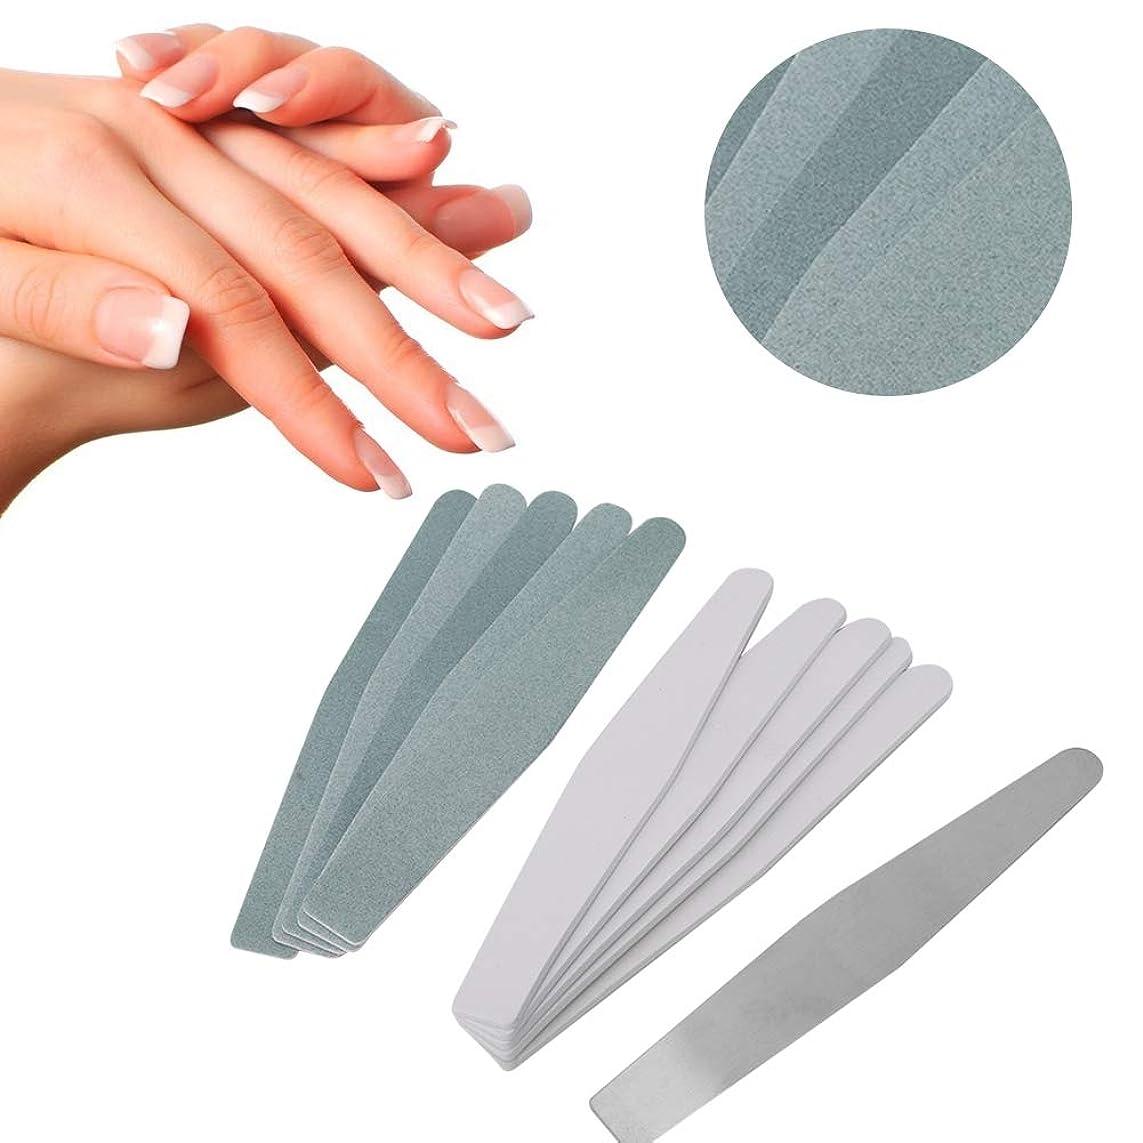 抑制するマイナスソロネイルアート 緩衝ファイル 磨く釘の芸術のための取り替え可能なステンレス鋼の釘砂棒(01)